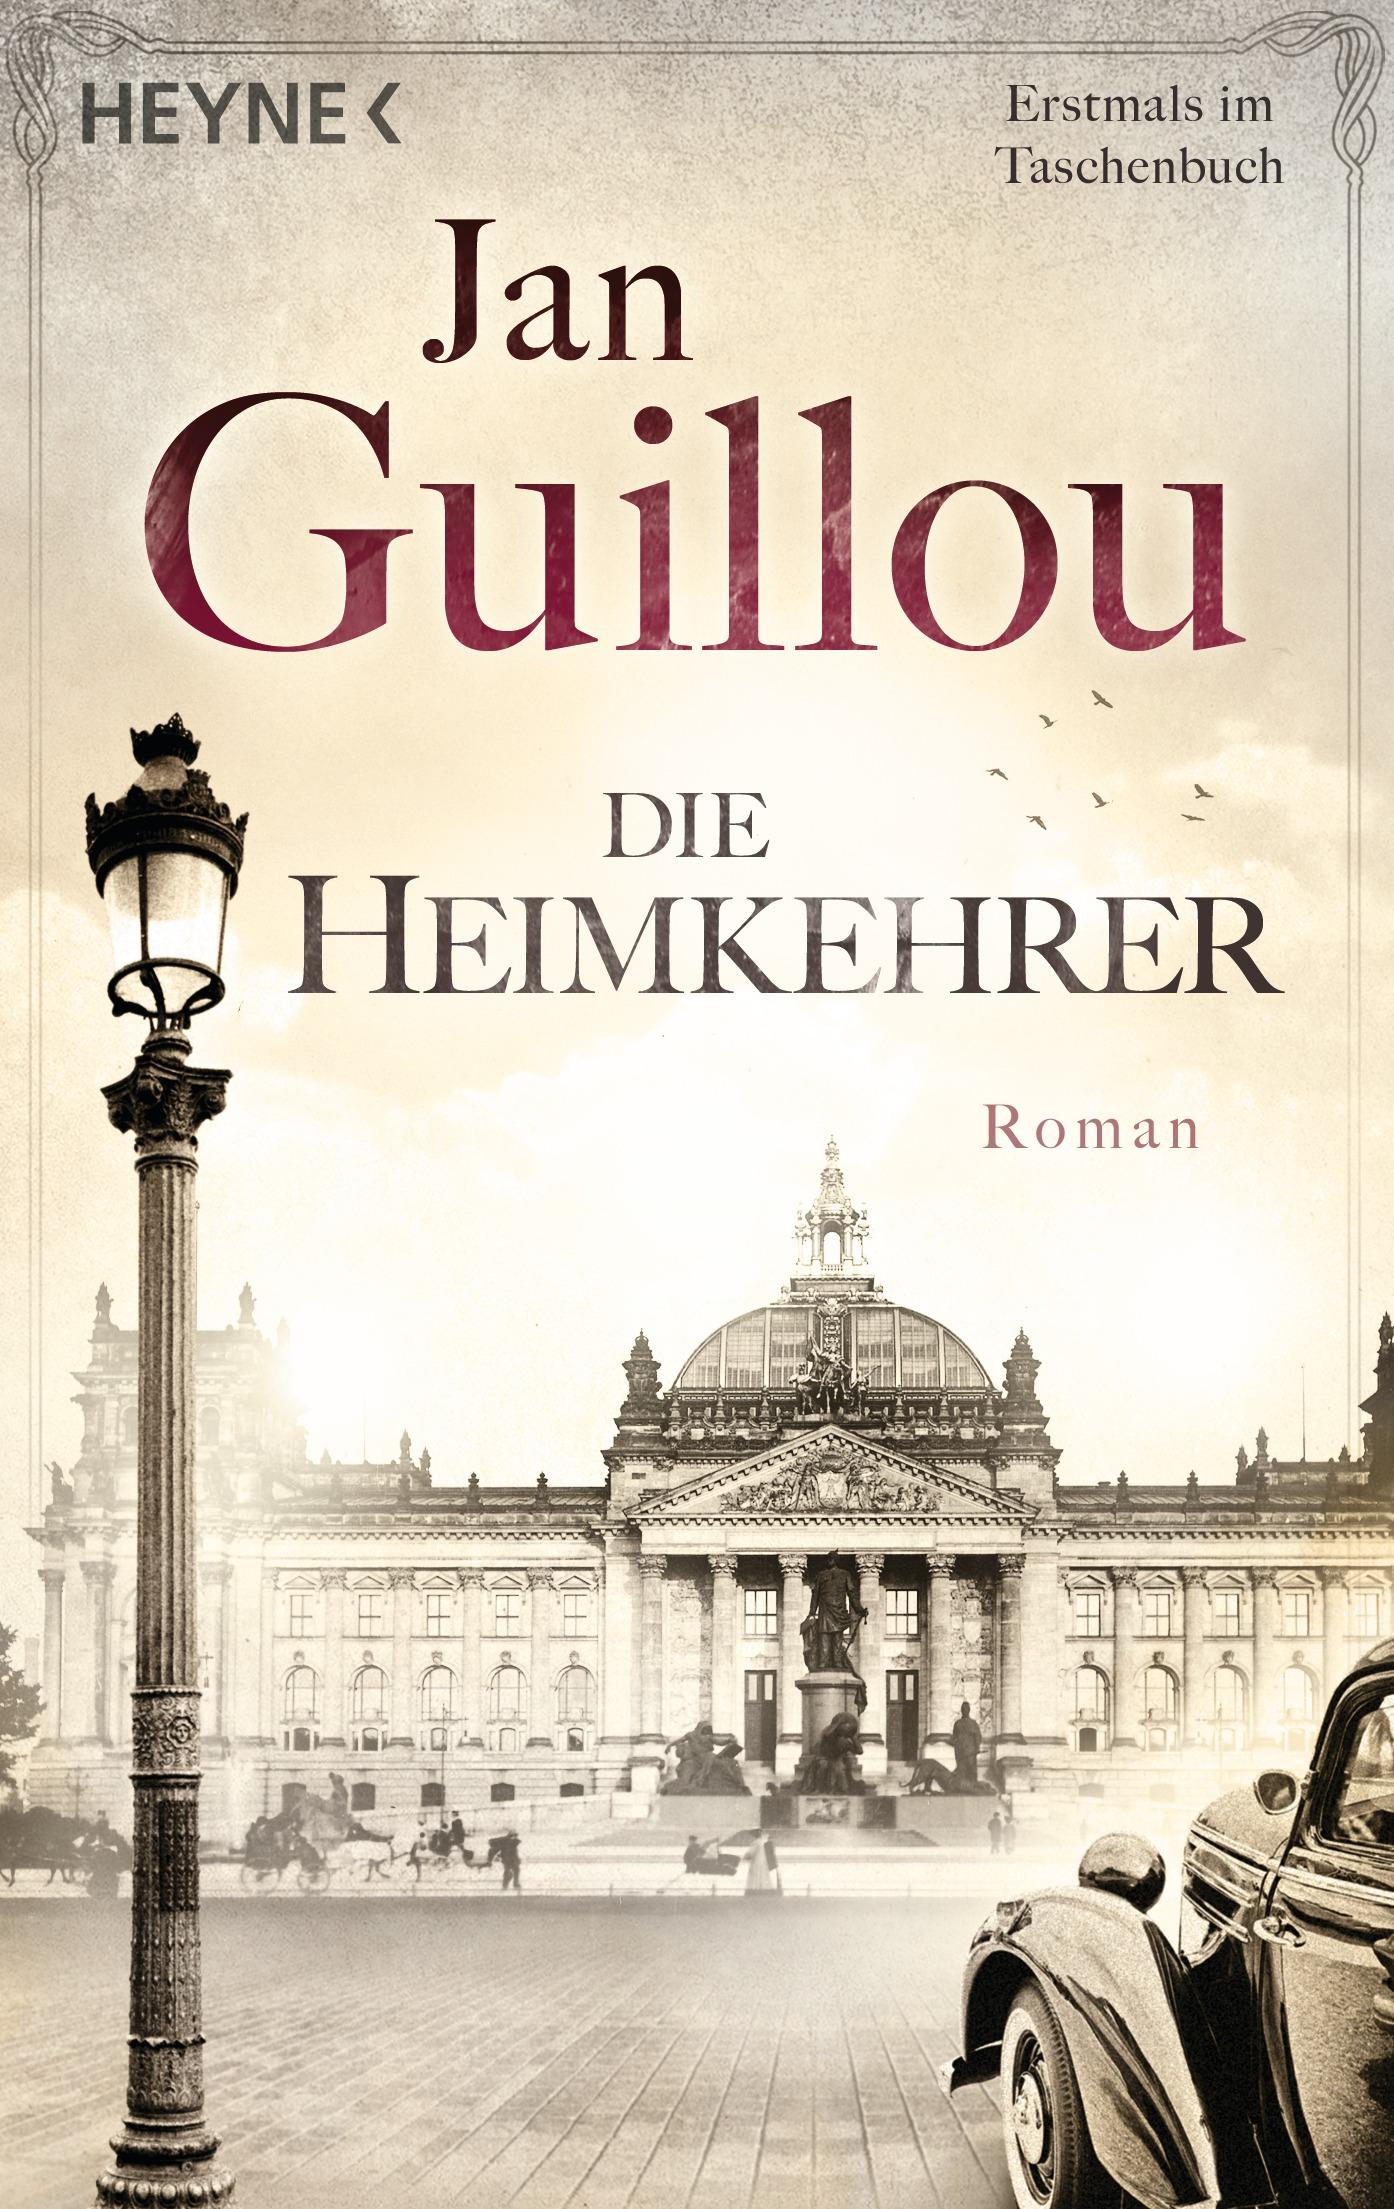 Die Heimkehrer von Jan Guillou